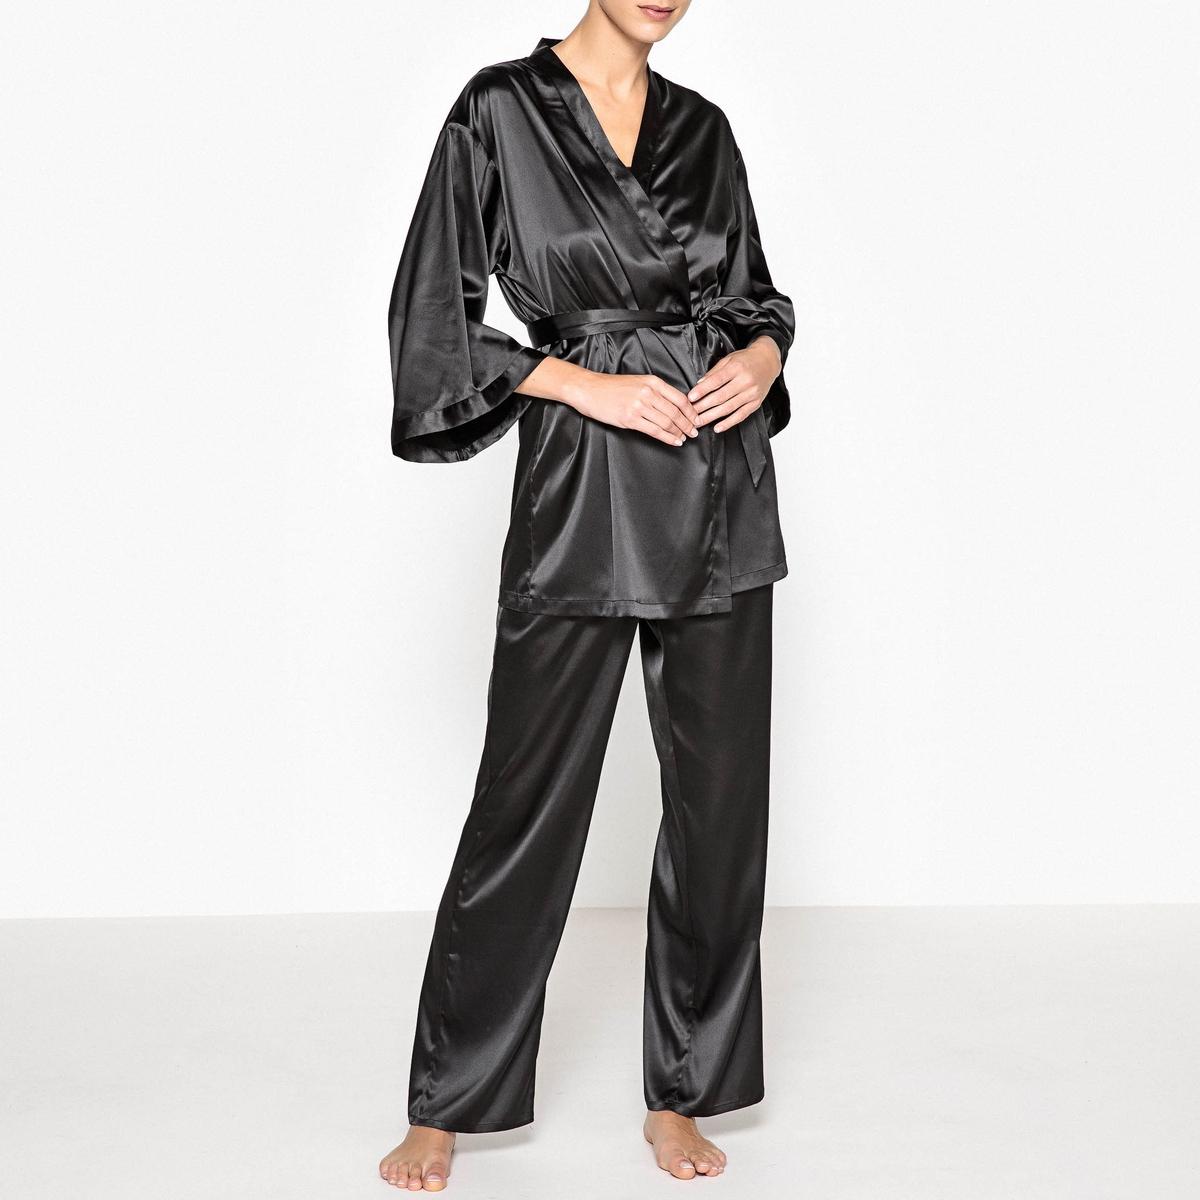 Пижама сатиновая из 3 предметовОписание:Современная пижама из 3 предметов с халатом-кимоно, на пике модных тенденций. Идеальная для моментов расслабления. Состав и описаниеПижама из 3 предметов прямого покроя, верх без рукавов, с V-образным вырезом. Халат-кимоно с рукавами 3/4. Пояс на талииМатериал : 96% полиэстера, 4% эластанаРазмеры : Халат-кимоно : 79,40 смВерх : 64 смДлина по внутр.шву : 76 смУход :  Стирать при 30° с вещами схожих цветов Стирка и глажка с изнаночной стороныМашинная сушка запрещена<br><br>Цвет: черный